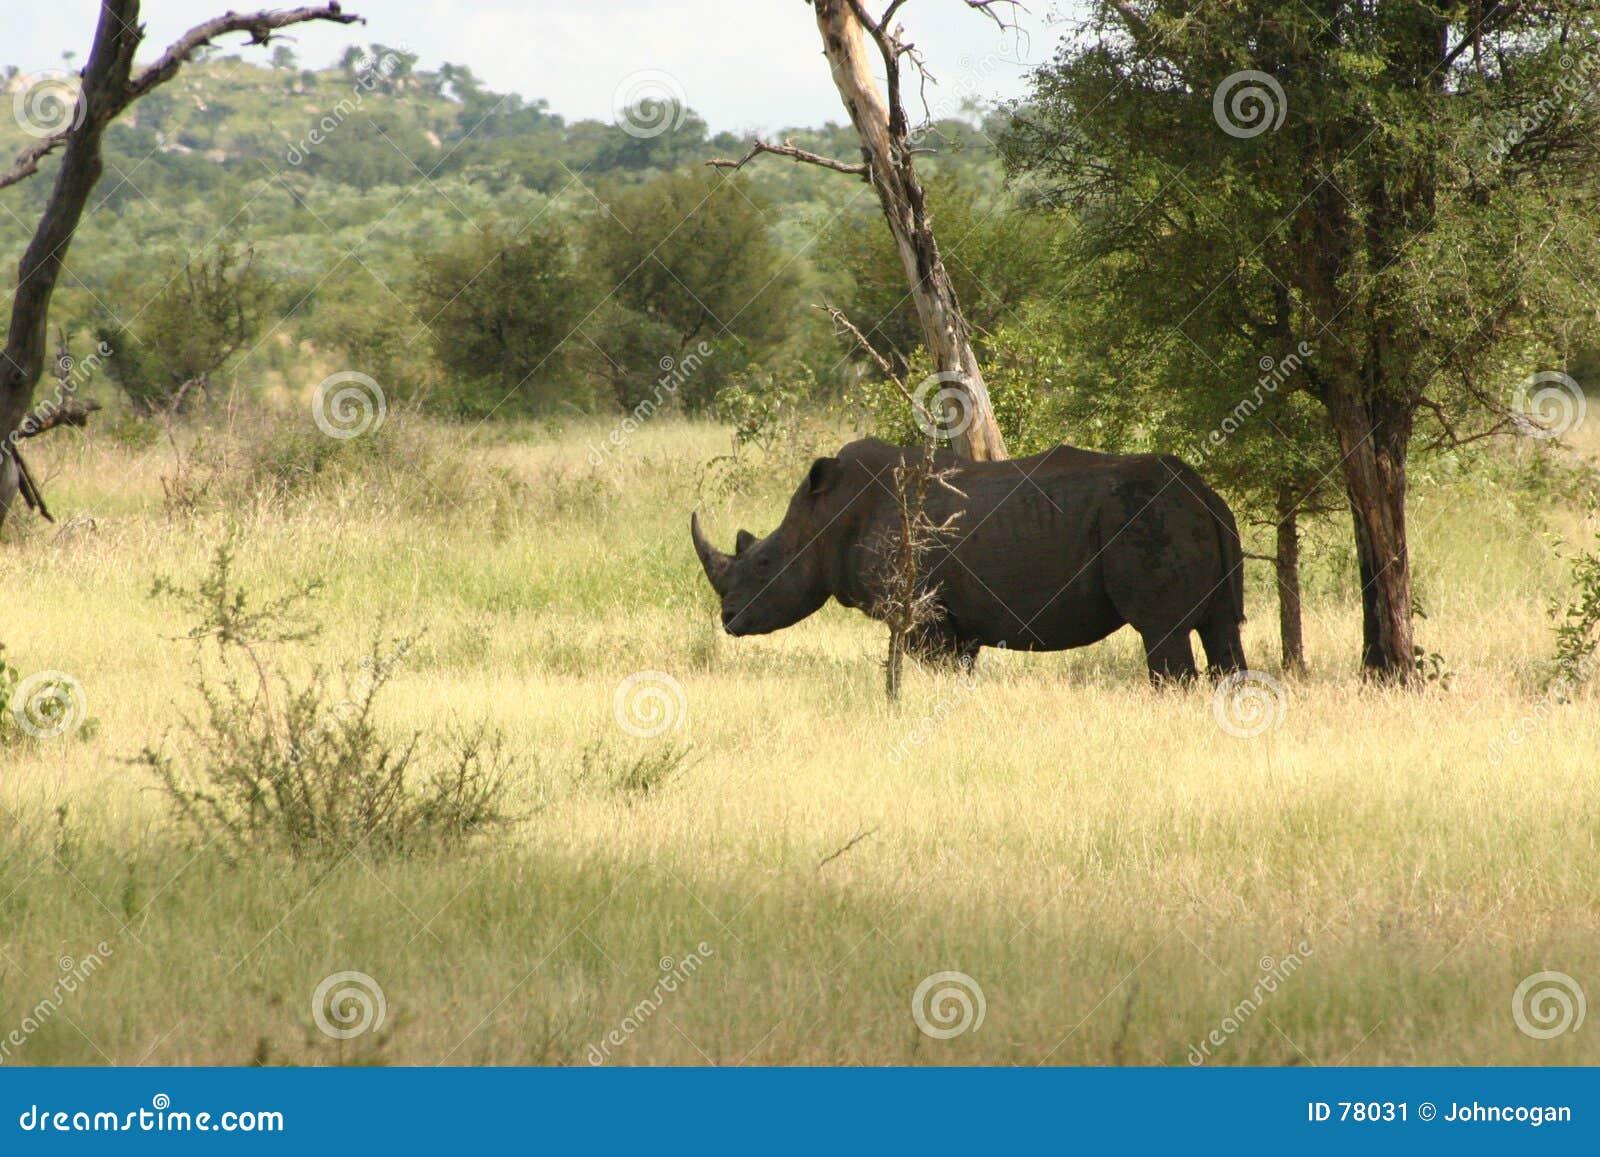 Afrikanisches Nashorn